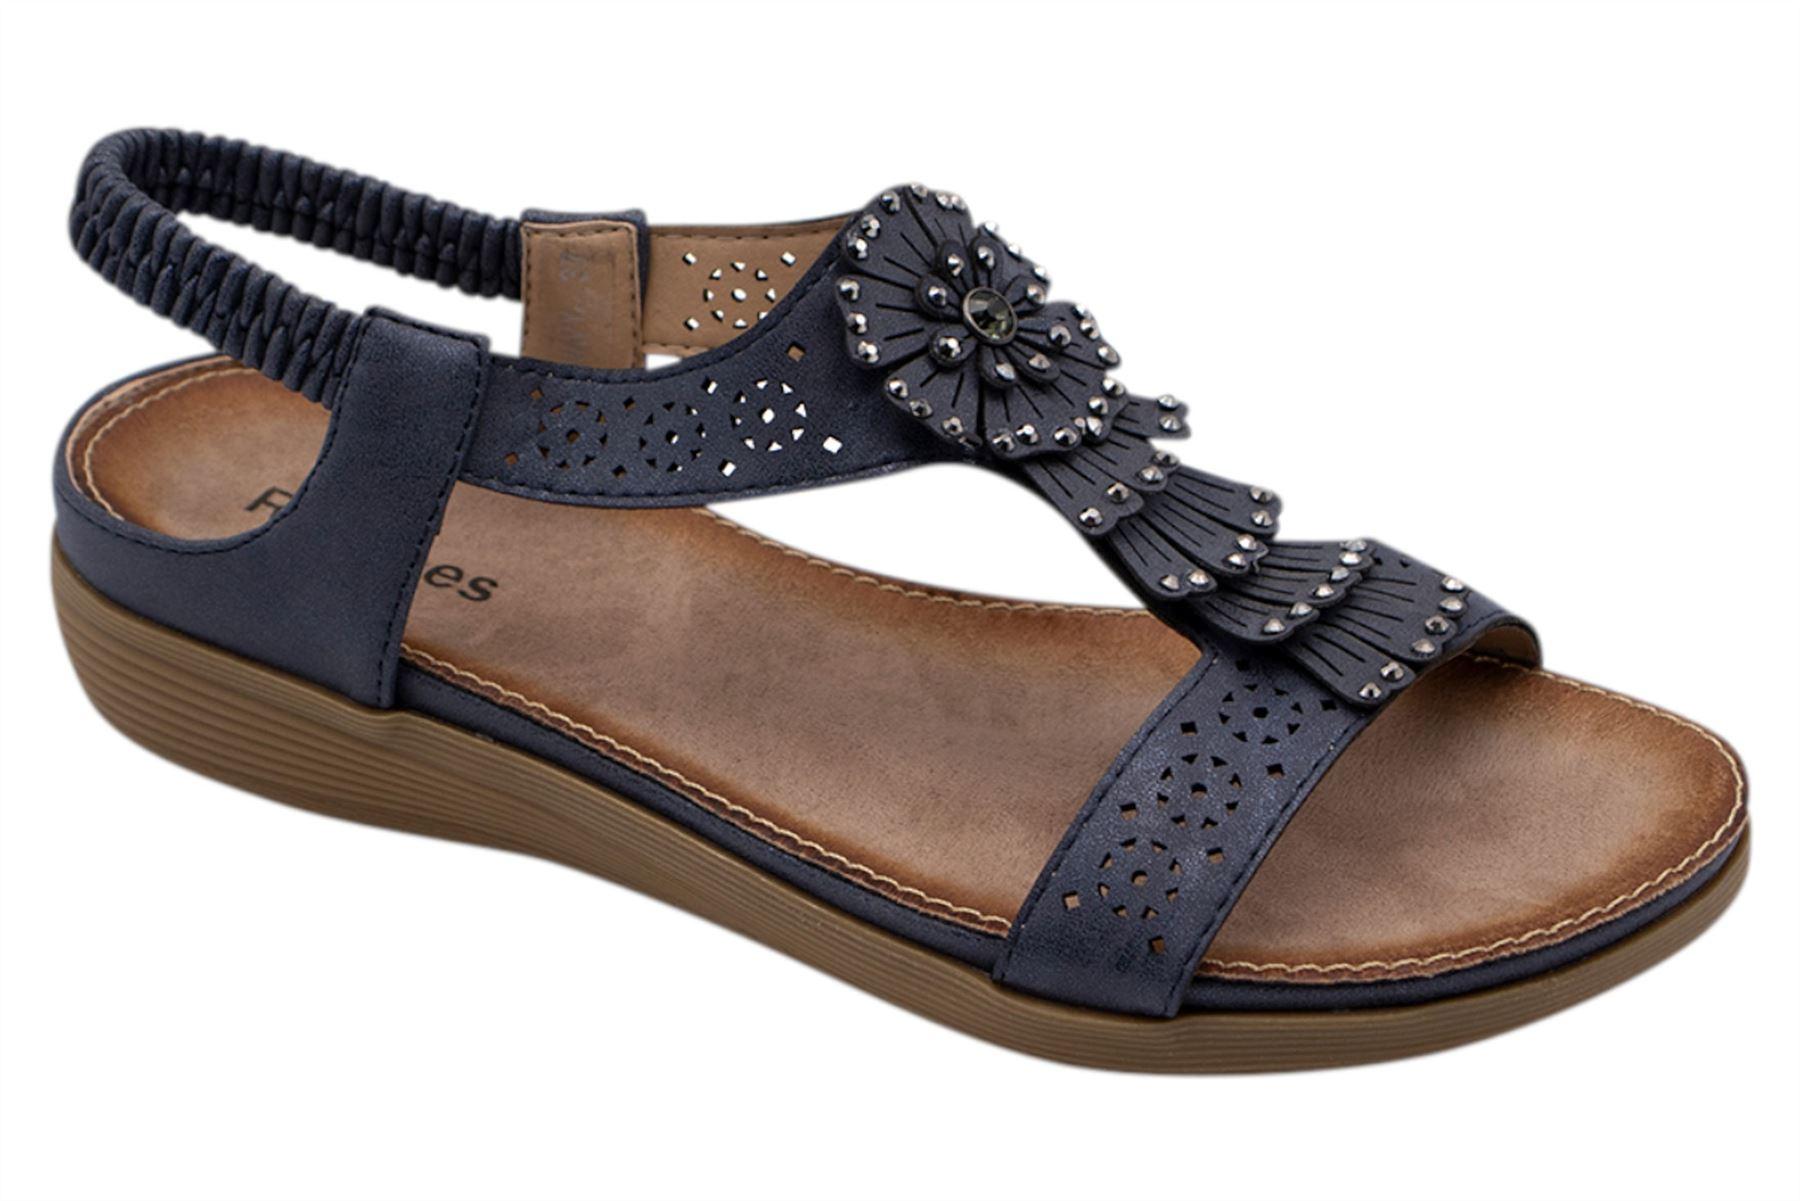 Ladies-Sandals-Womens-Shiny-Flat-Flip-Flop-Beach-Sliders miniatura 25